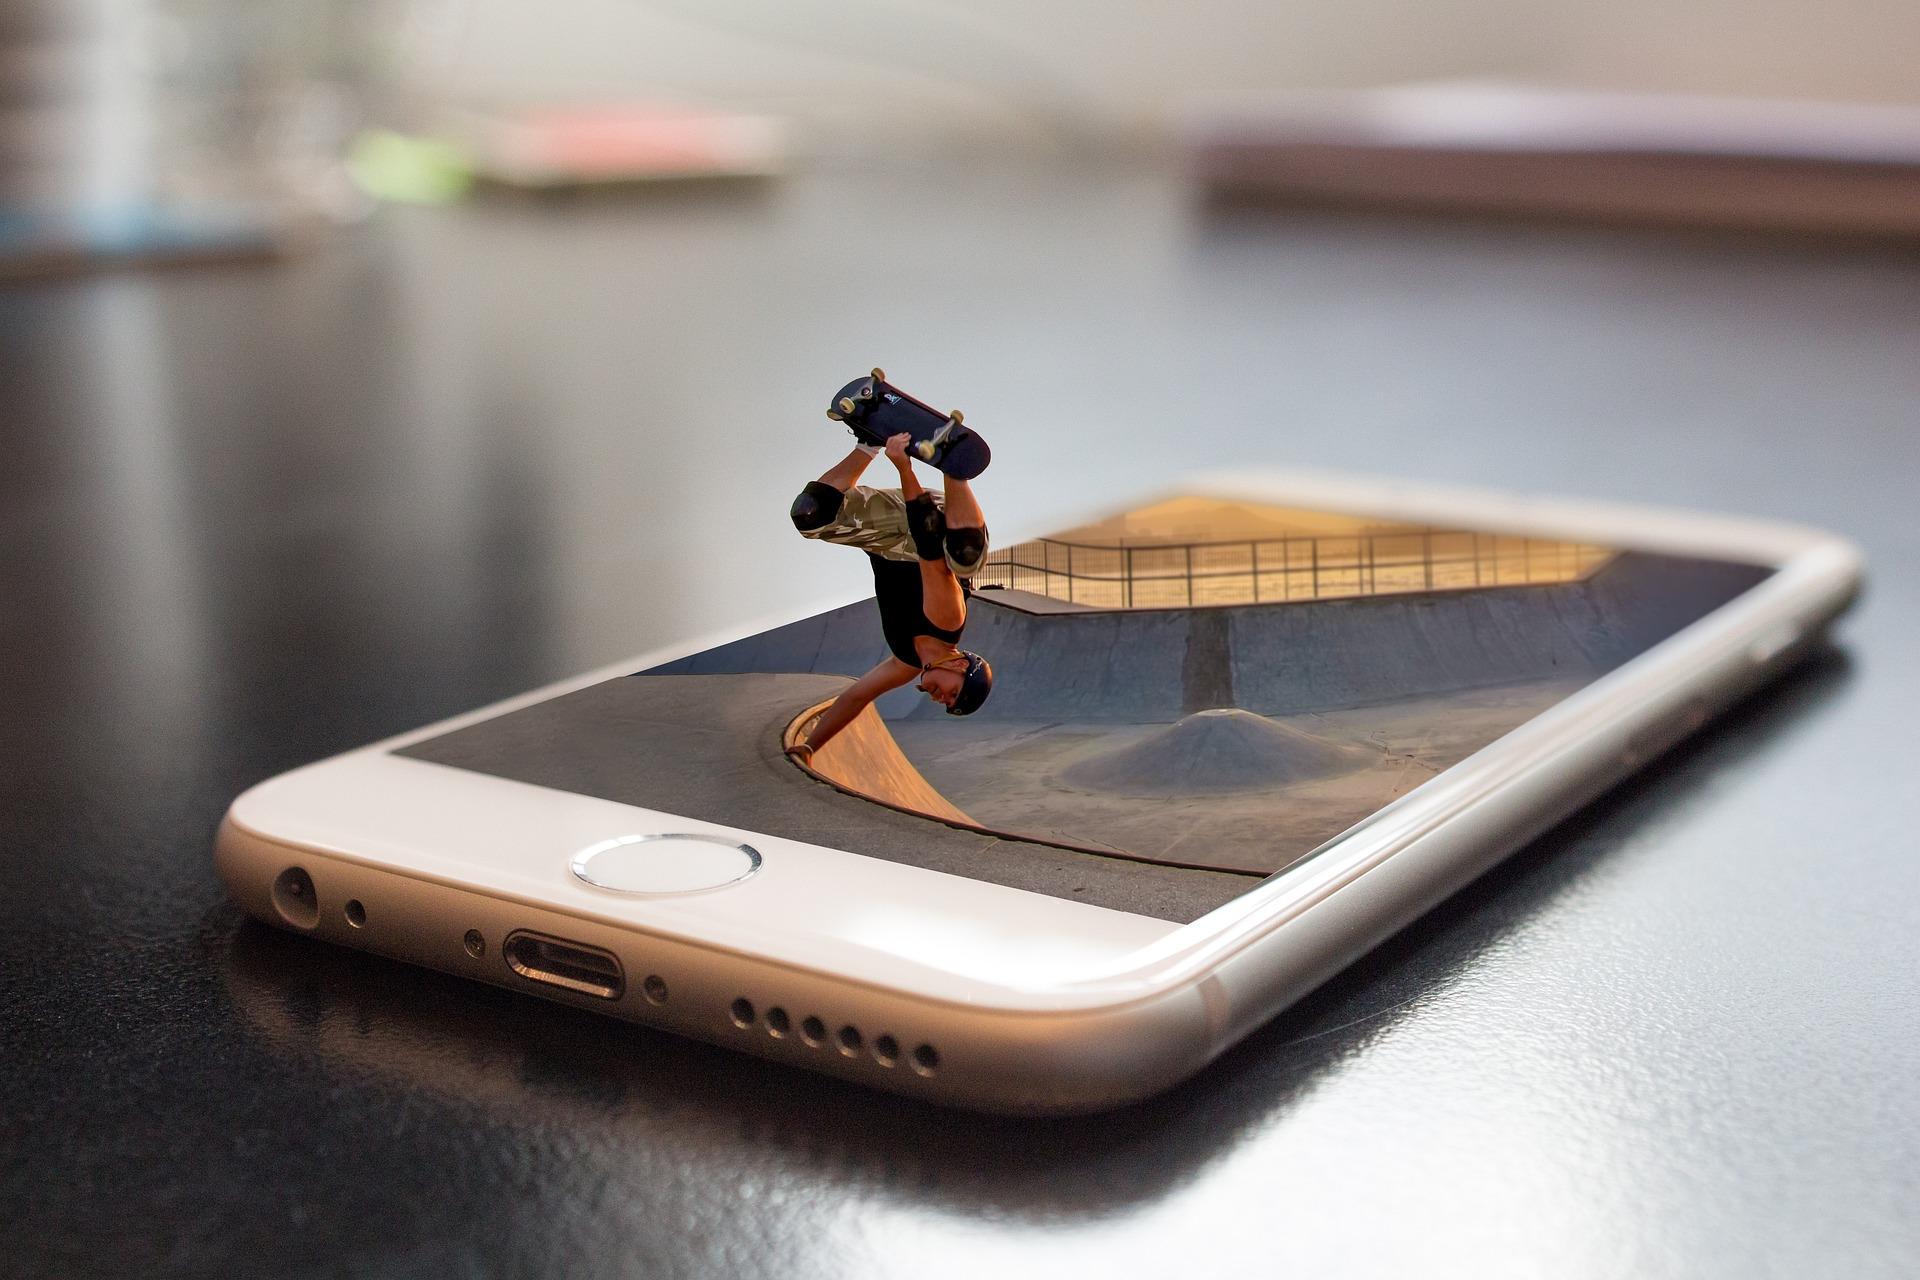 Questi sono i trend del momento per gli smartphone del futuro